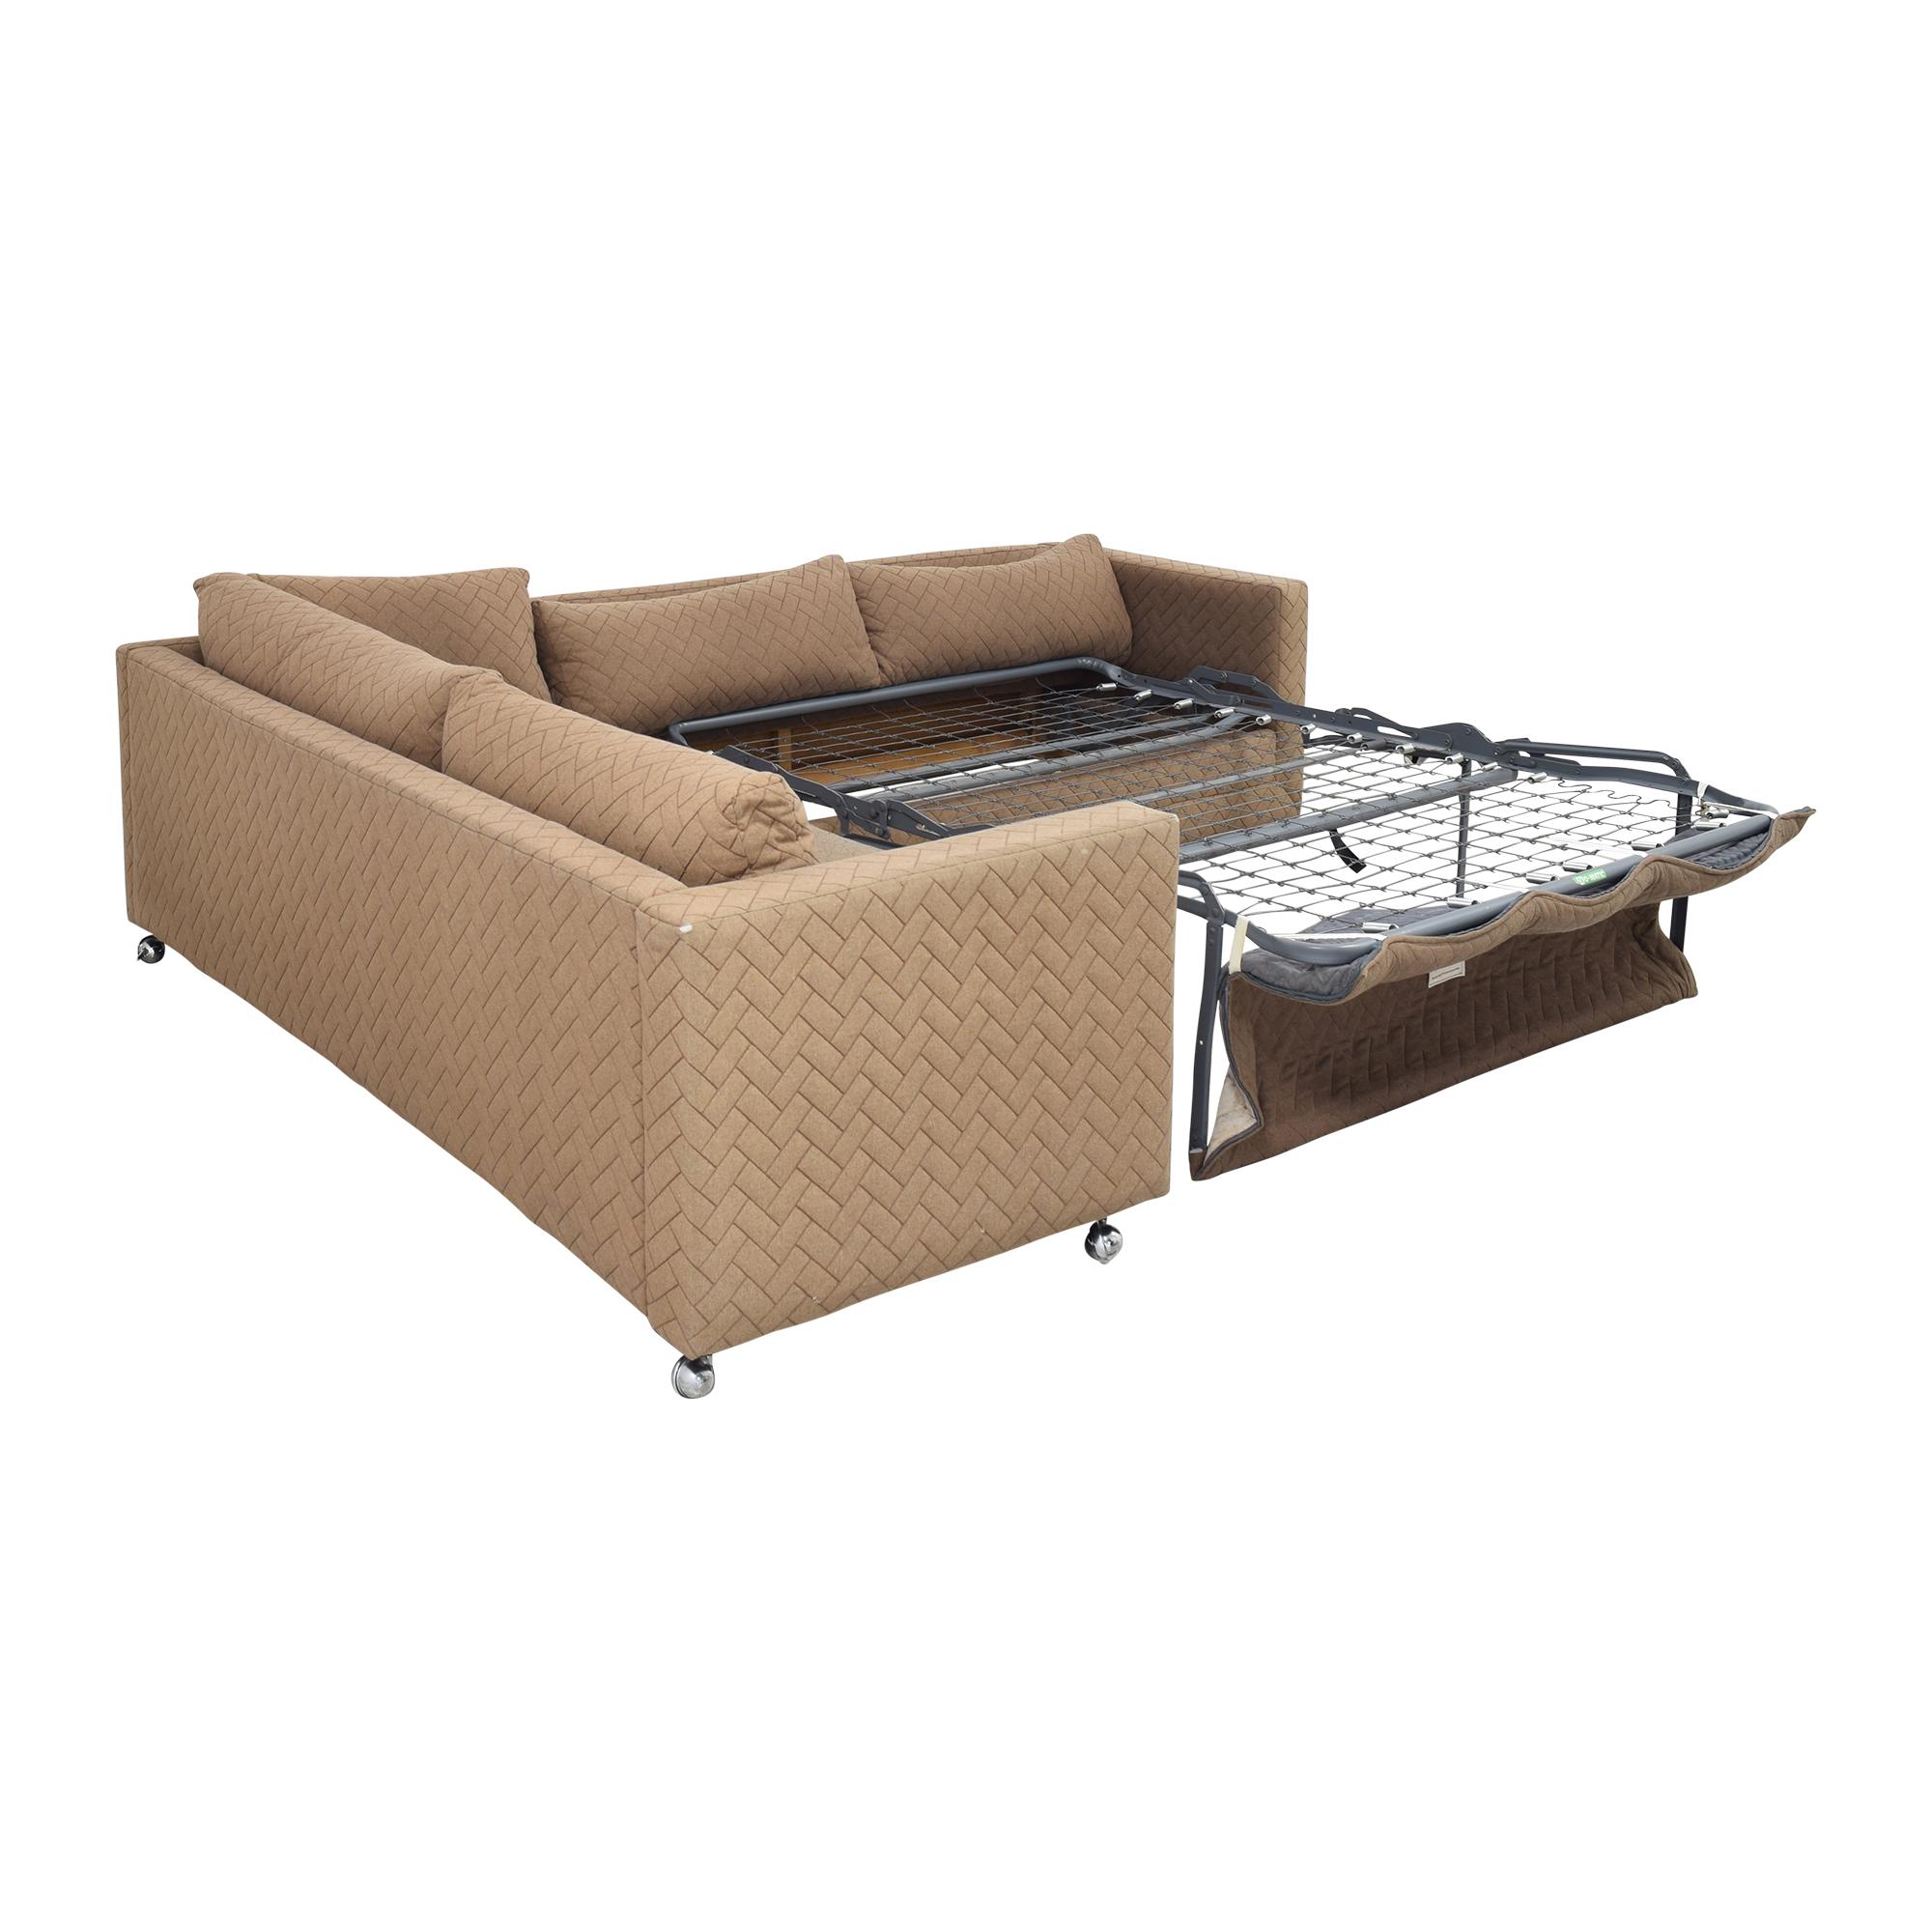 buy Avery Boardman Corner Sectional Sleeper Sofa Avery Boardman